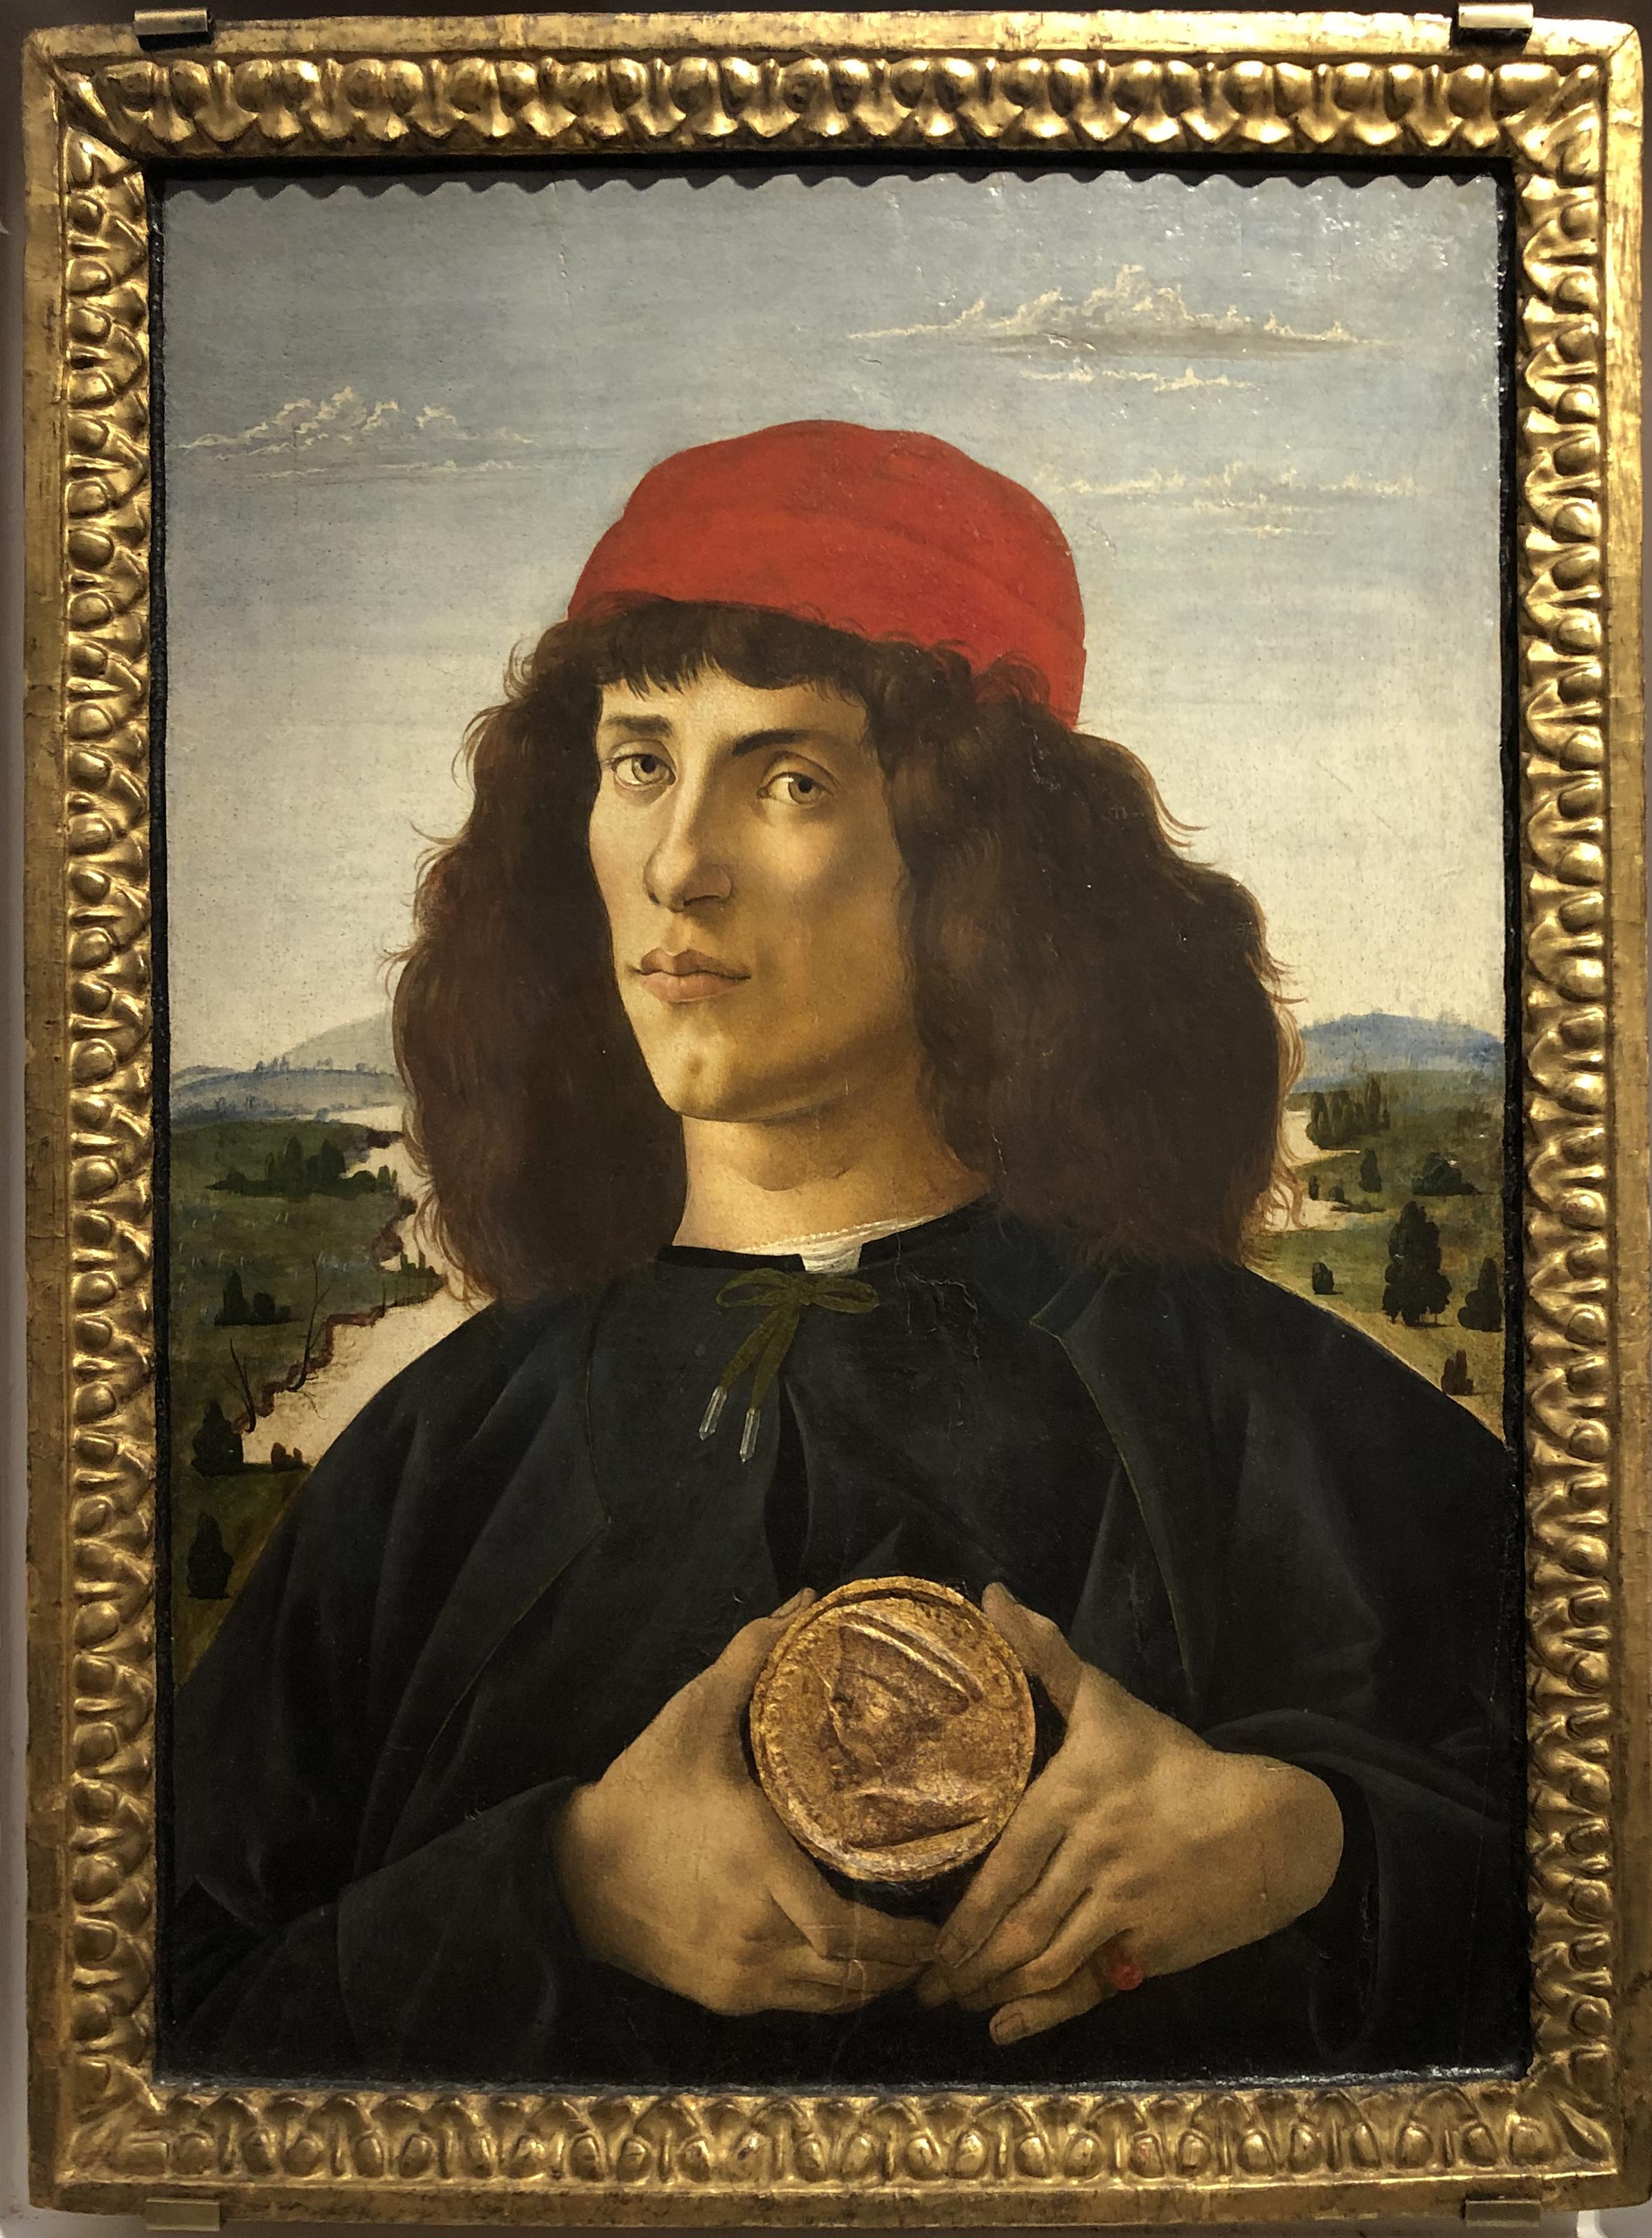 """Рис.7 Сандро Боттичелли """"Портрет юноши с медальоном"""", приблизительно 1475 г."""